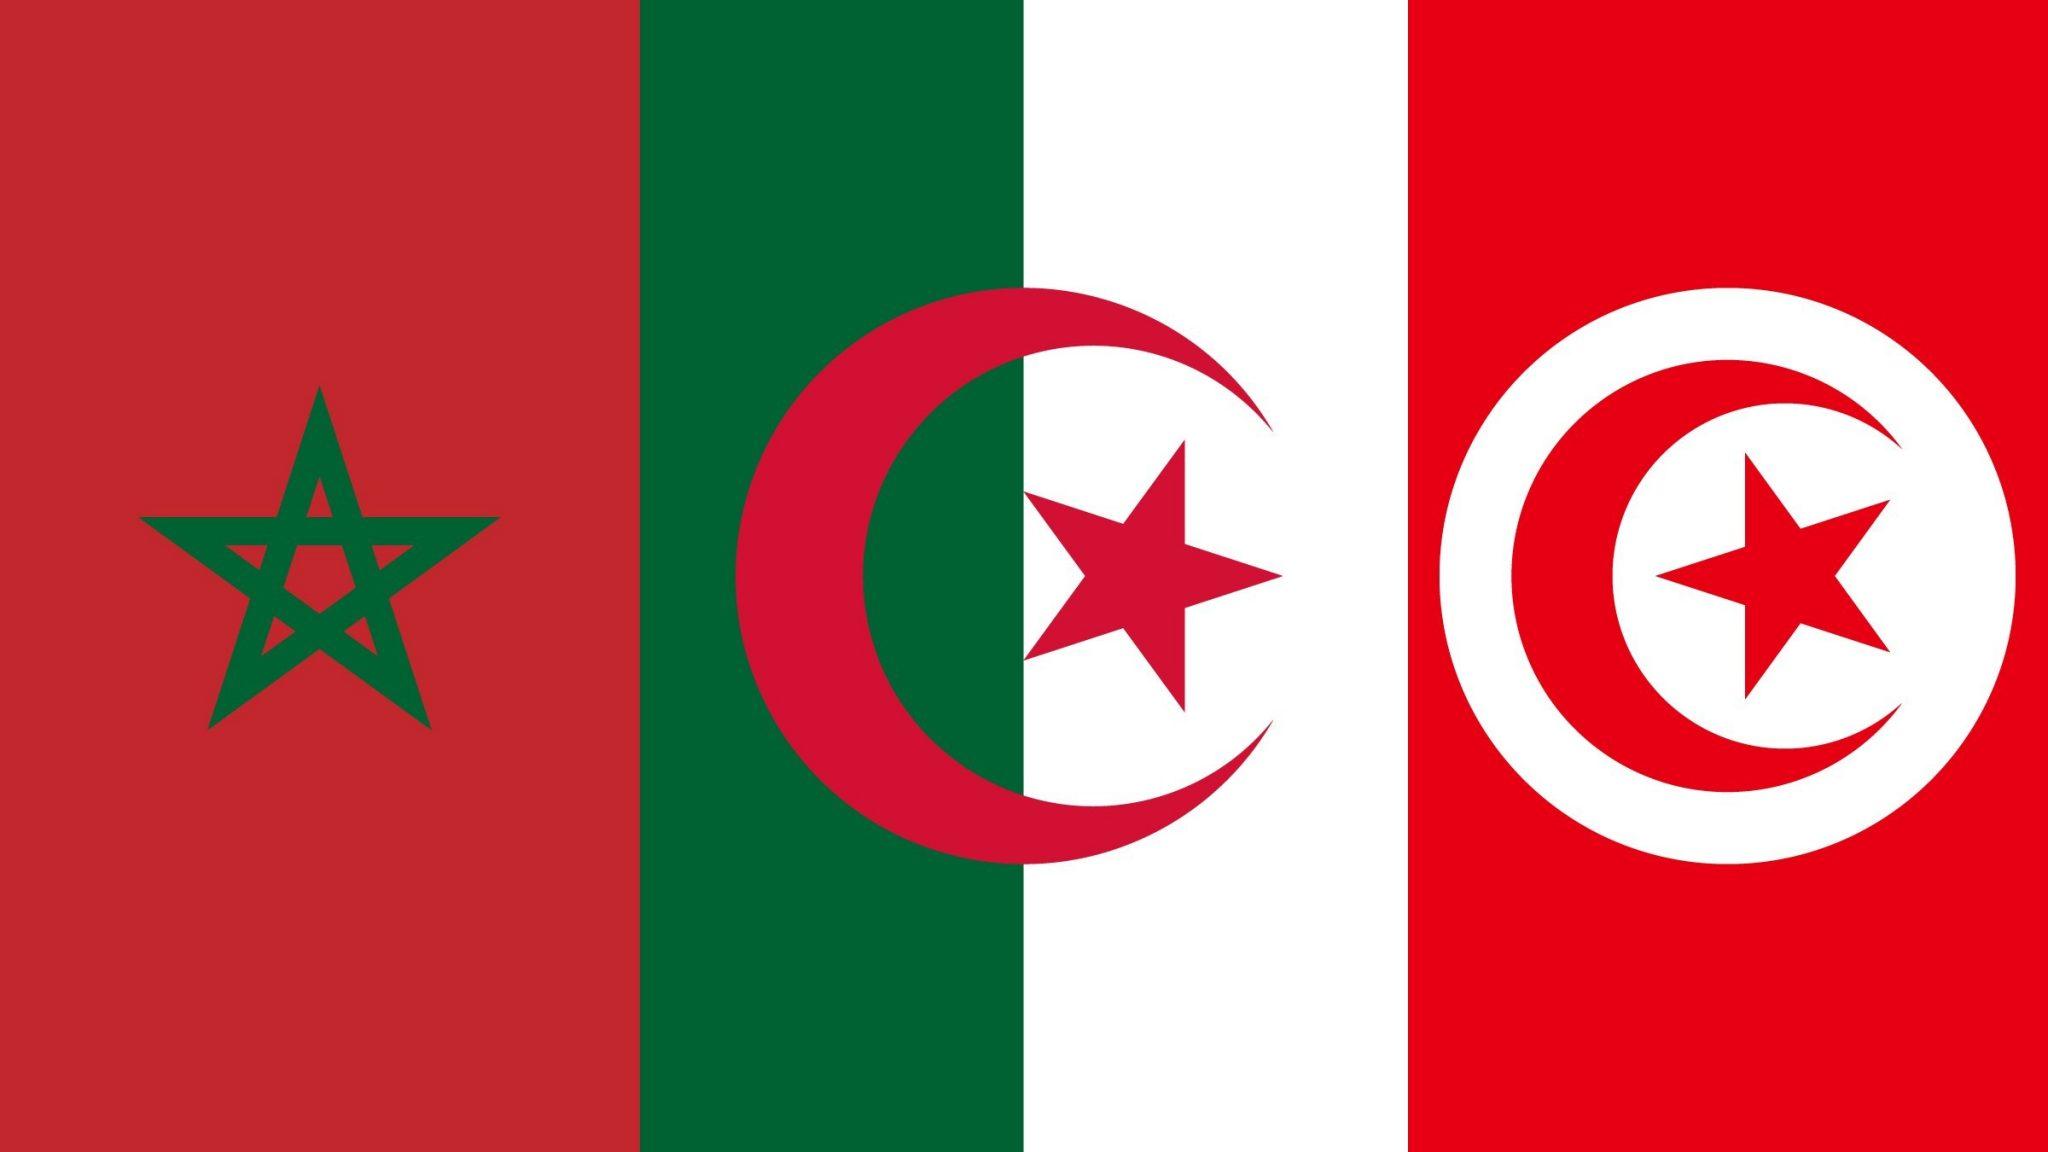 صورة بالفيديو: وزير خارجية تونس السابق ينتـ ـقد نظام العـ.ـسكر في الجزائر.. ماذاقال عن المغرب؟